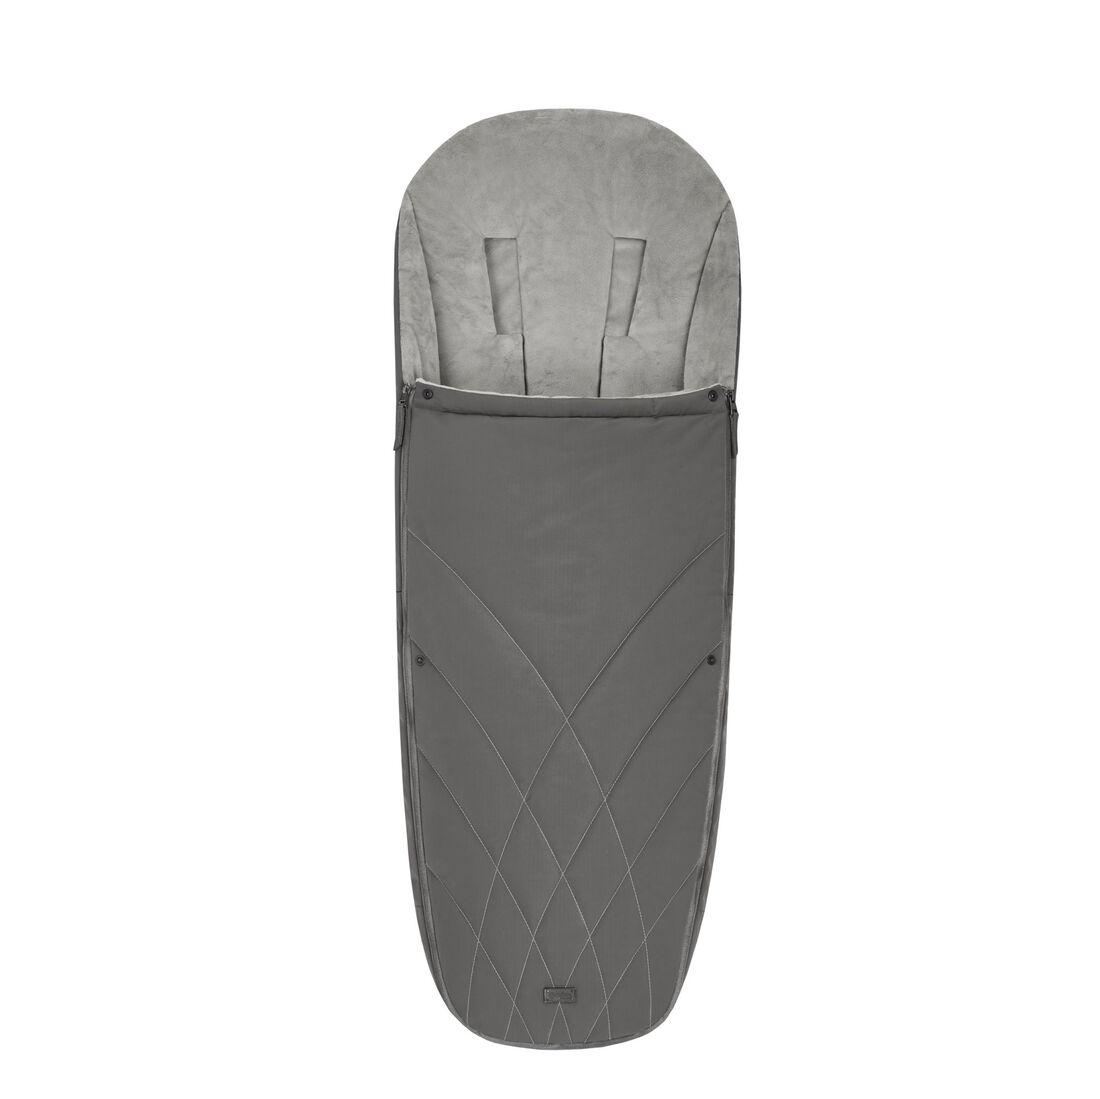 CYBEX Platinum Footmuff - Soho Grey in Soho Grey large image number 1